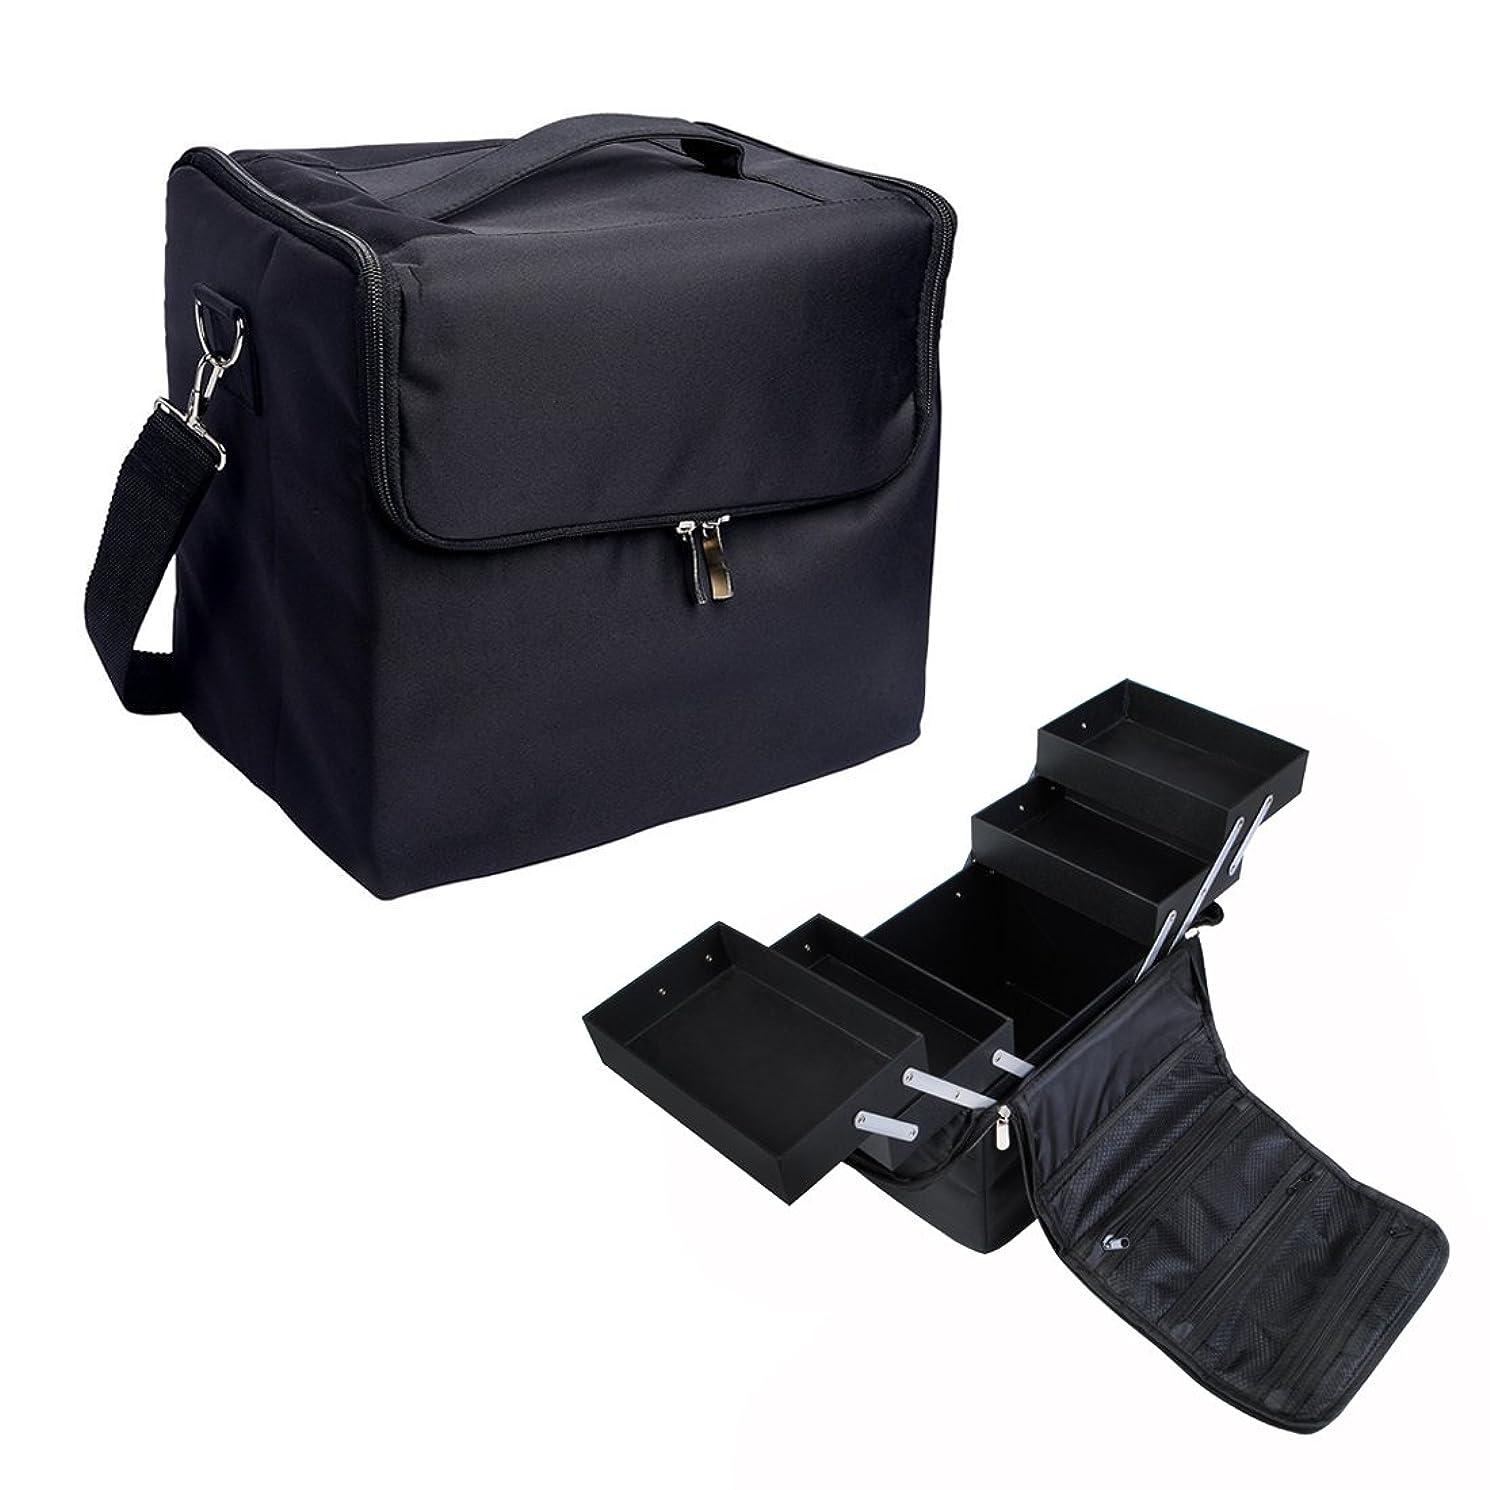 乗ってこれまで定期的に[プロ仕様]Hapilife メイクボックス トレイ付き プロ用 化粧品収納 ブラック